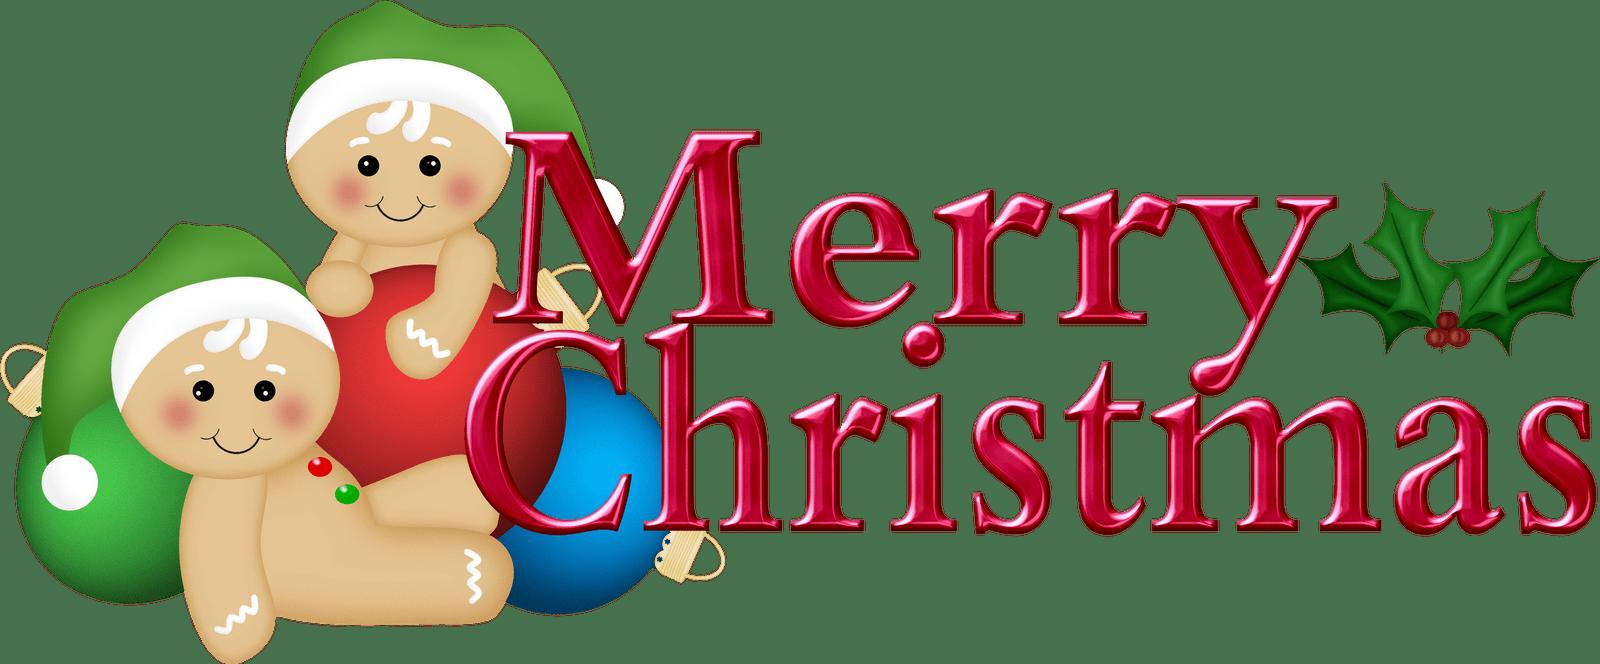 Merry Christmas Art Clip - ClipArt Best (1600 x 664 Pixel)